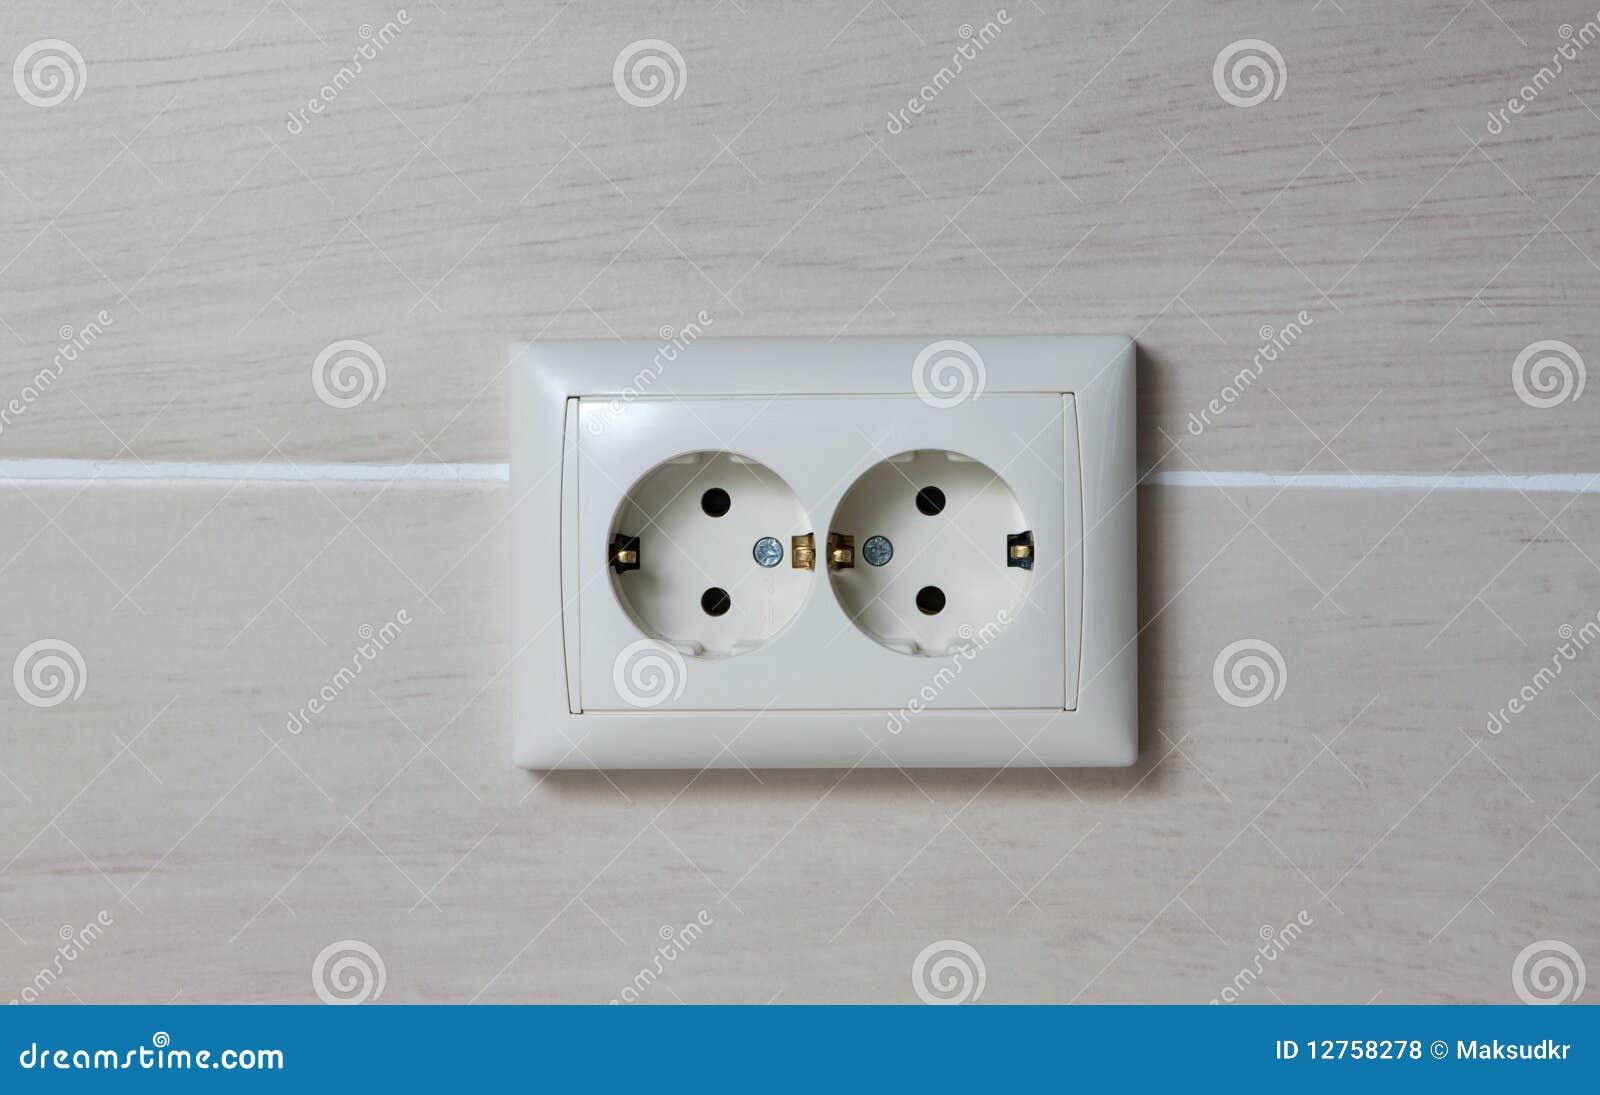 Ungewöhnlich Elektrische Kabelanschlüsse Ideen - Die Besten ...